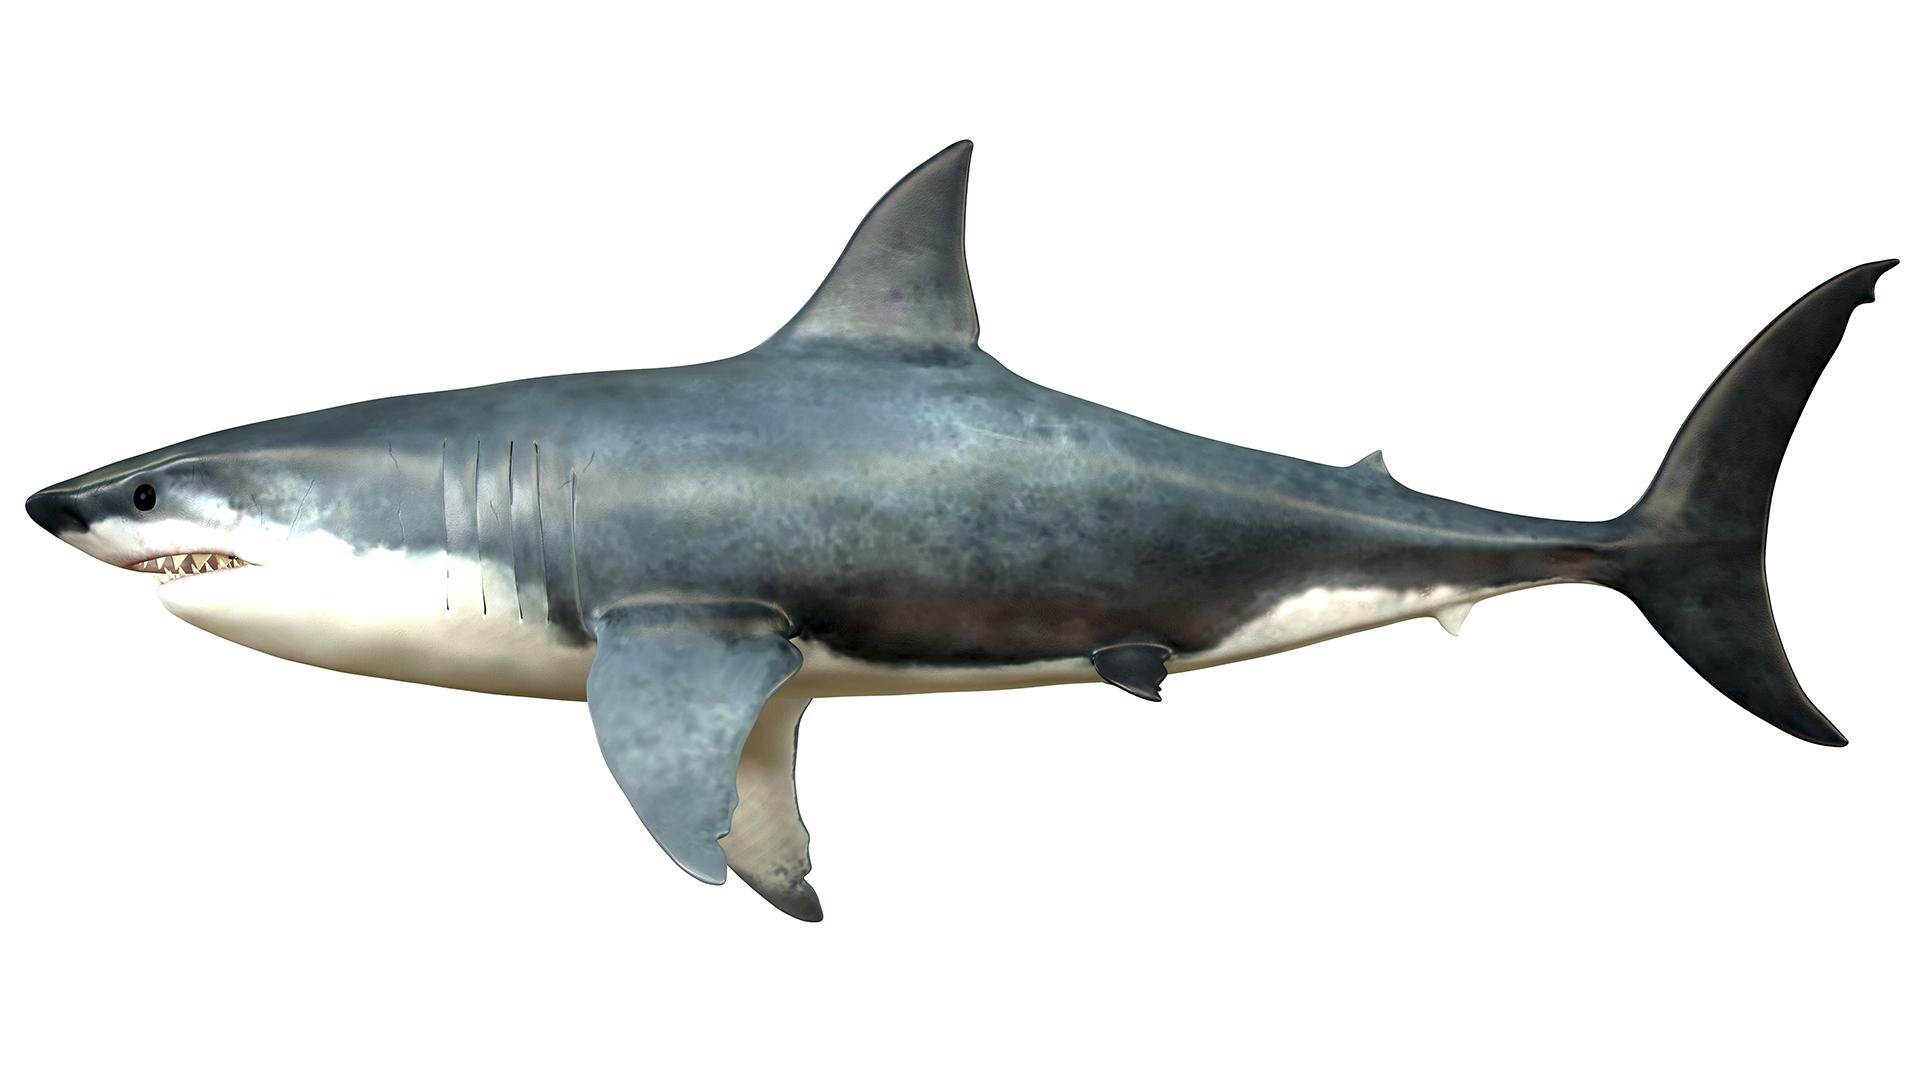 Le gigantisme était courant chez les requins lamniformes éteints - le groupe qui comprend le mégalodon - mais le mégalodon était de loin le plus grand.